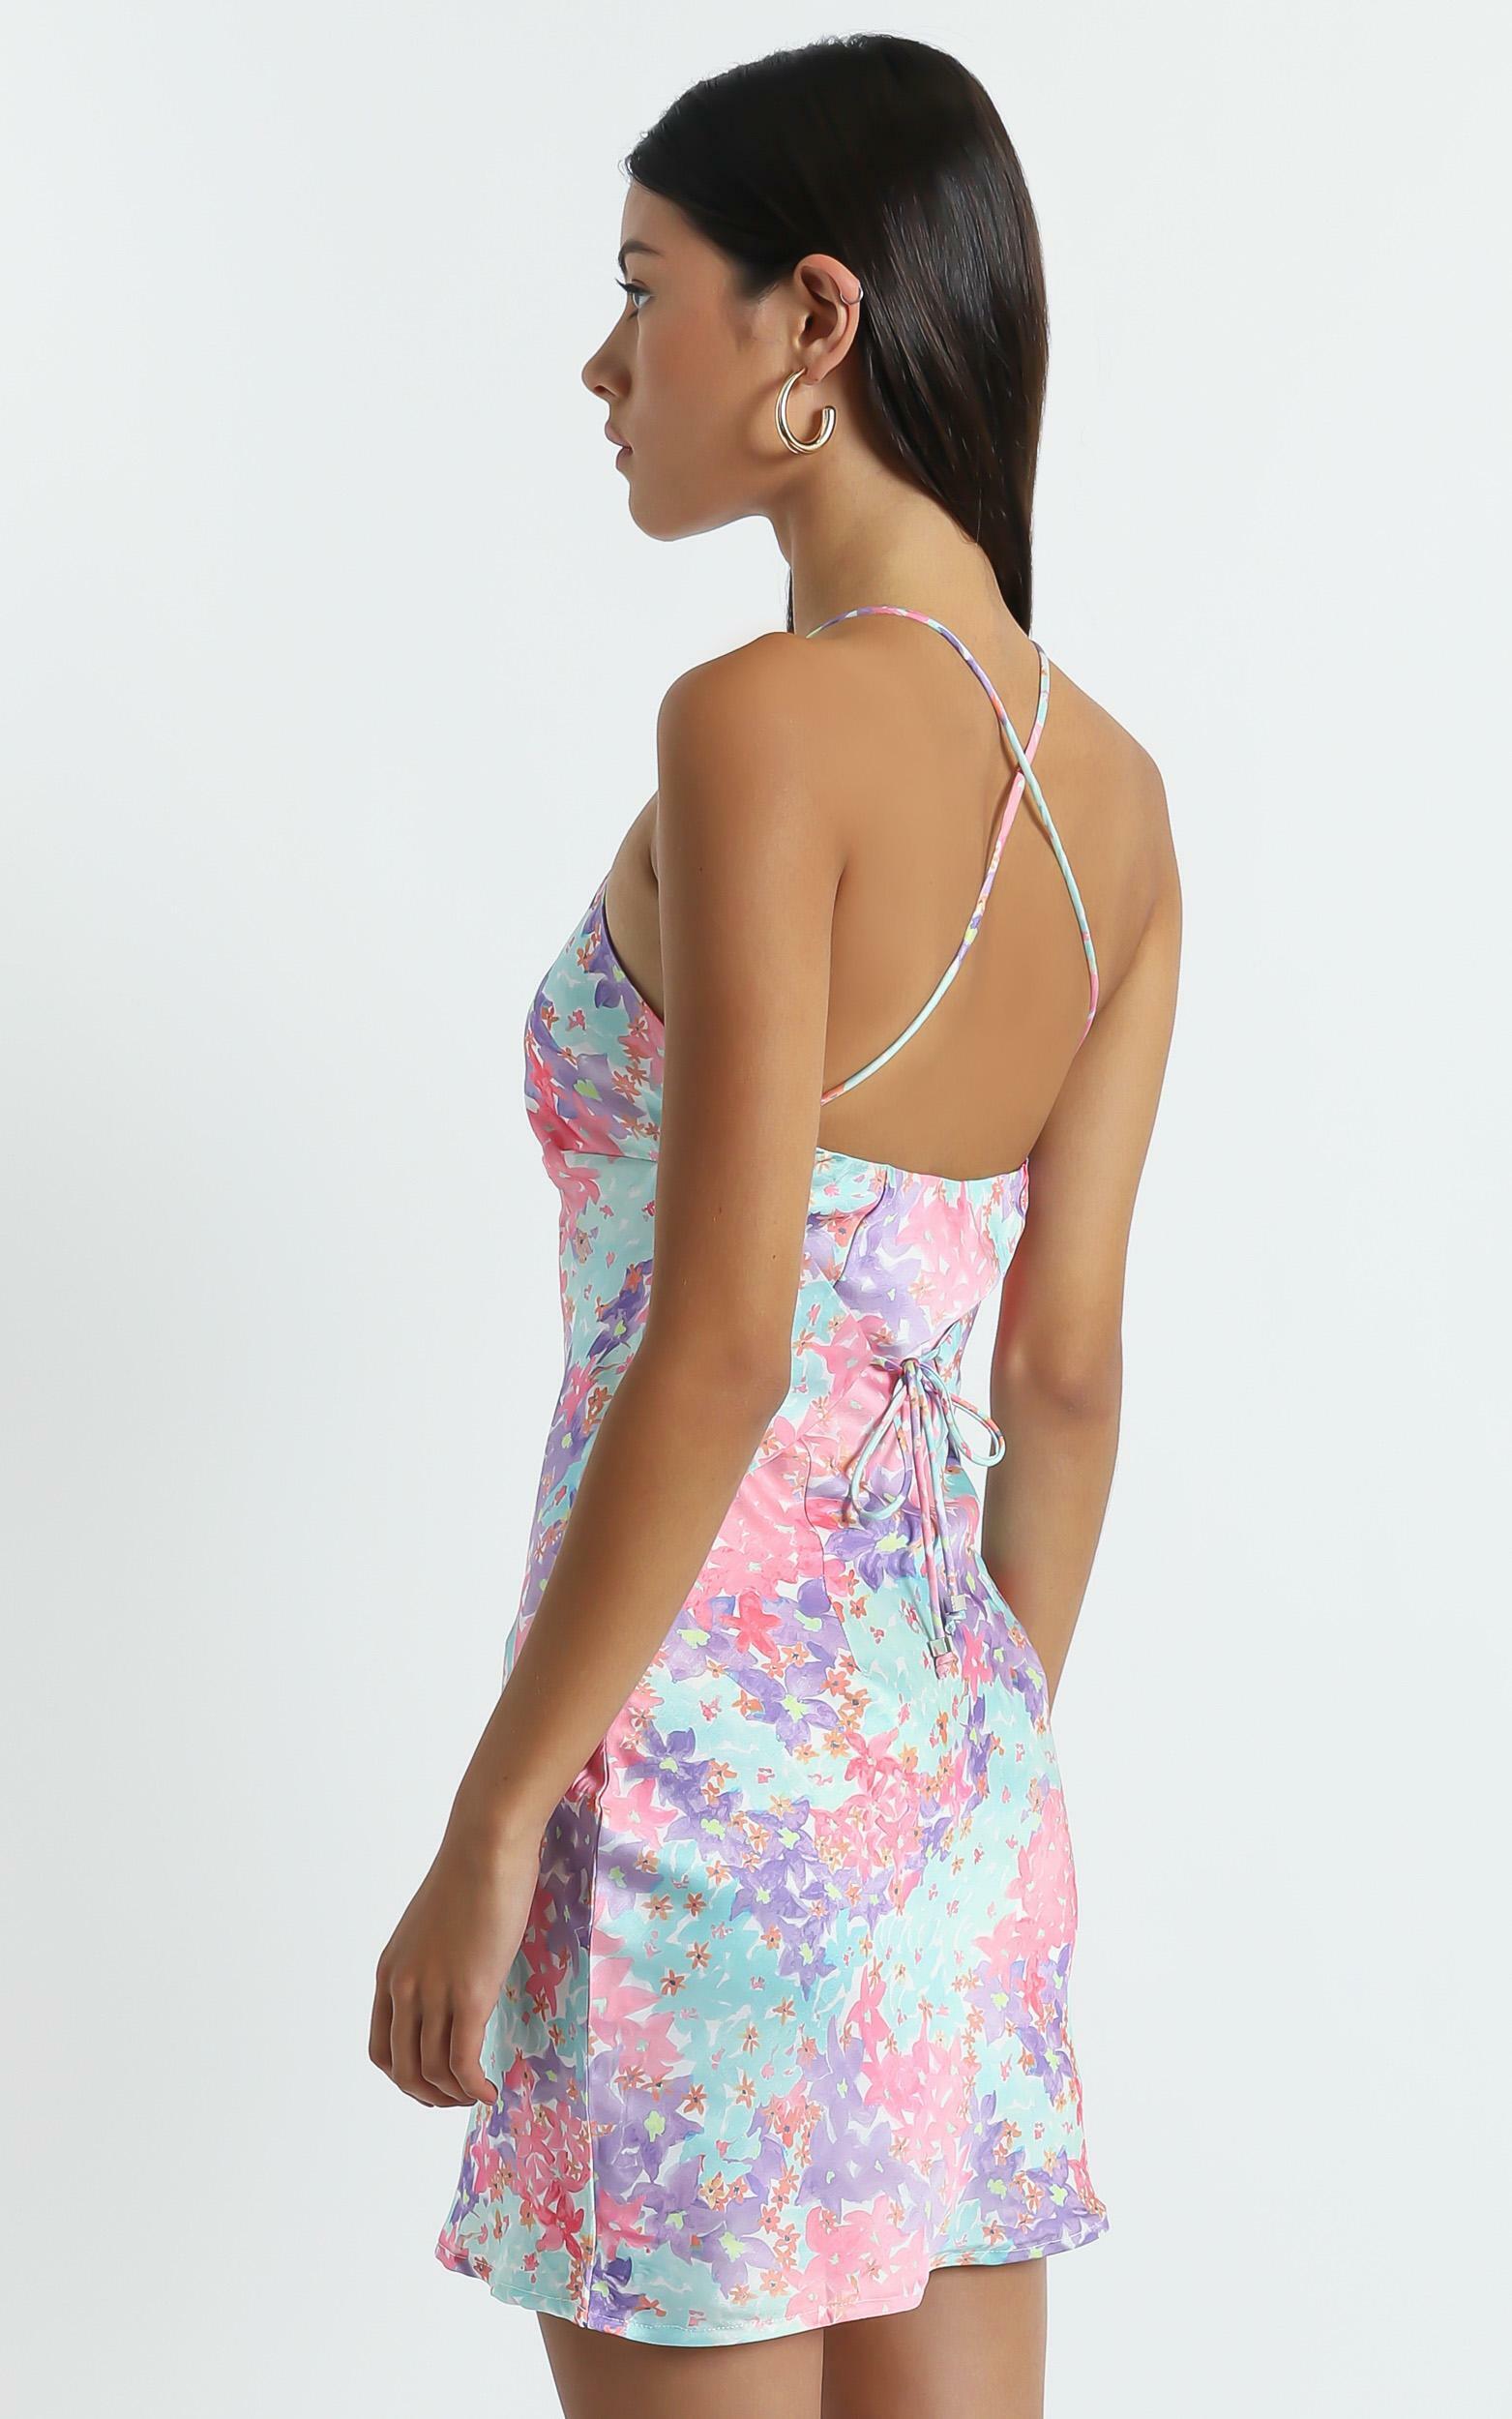 Odine Dress in Multi - 06, PNK1, hi-res image number null